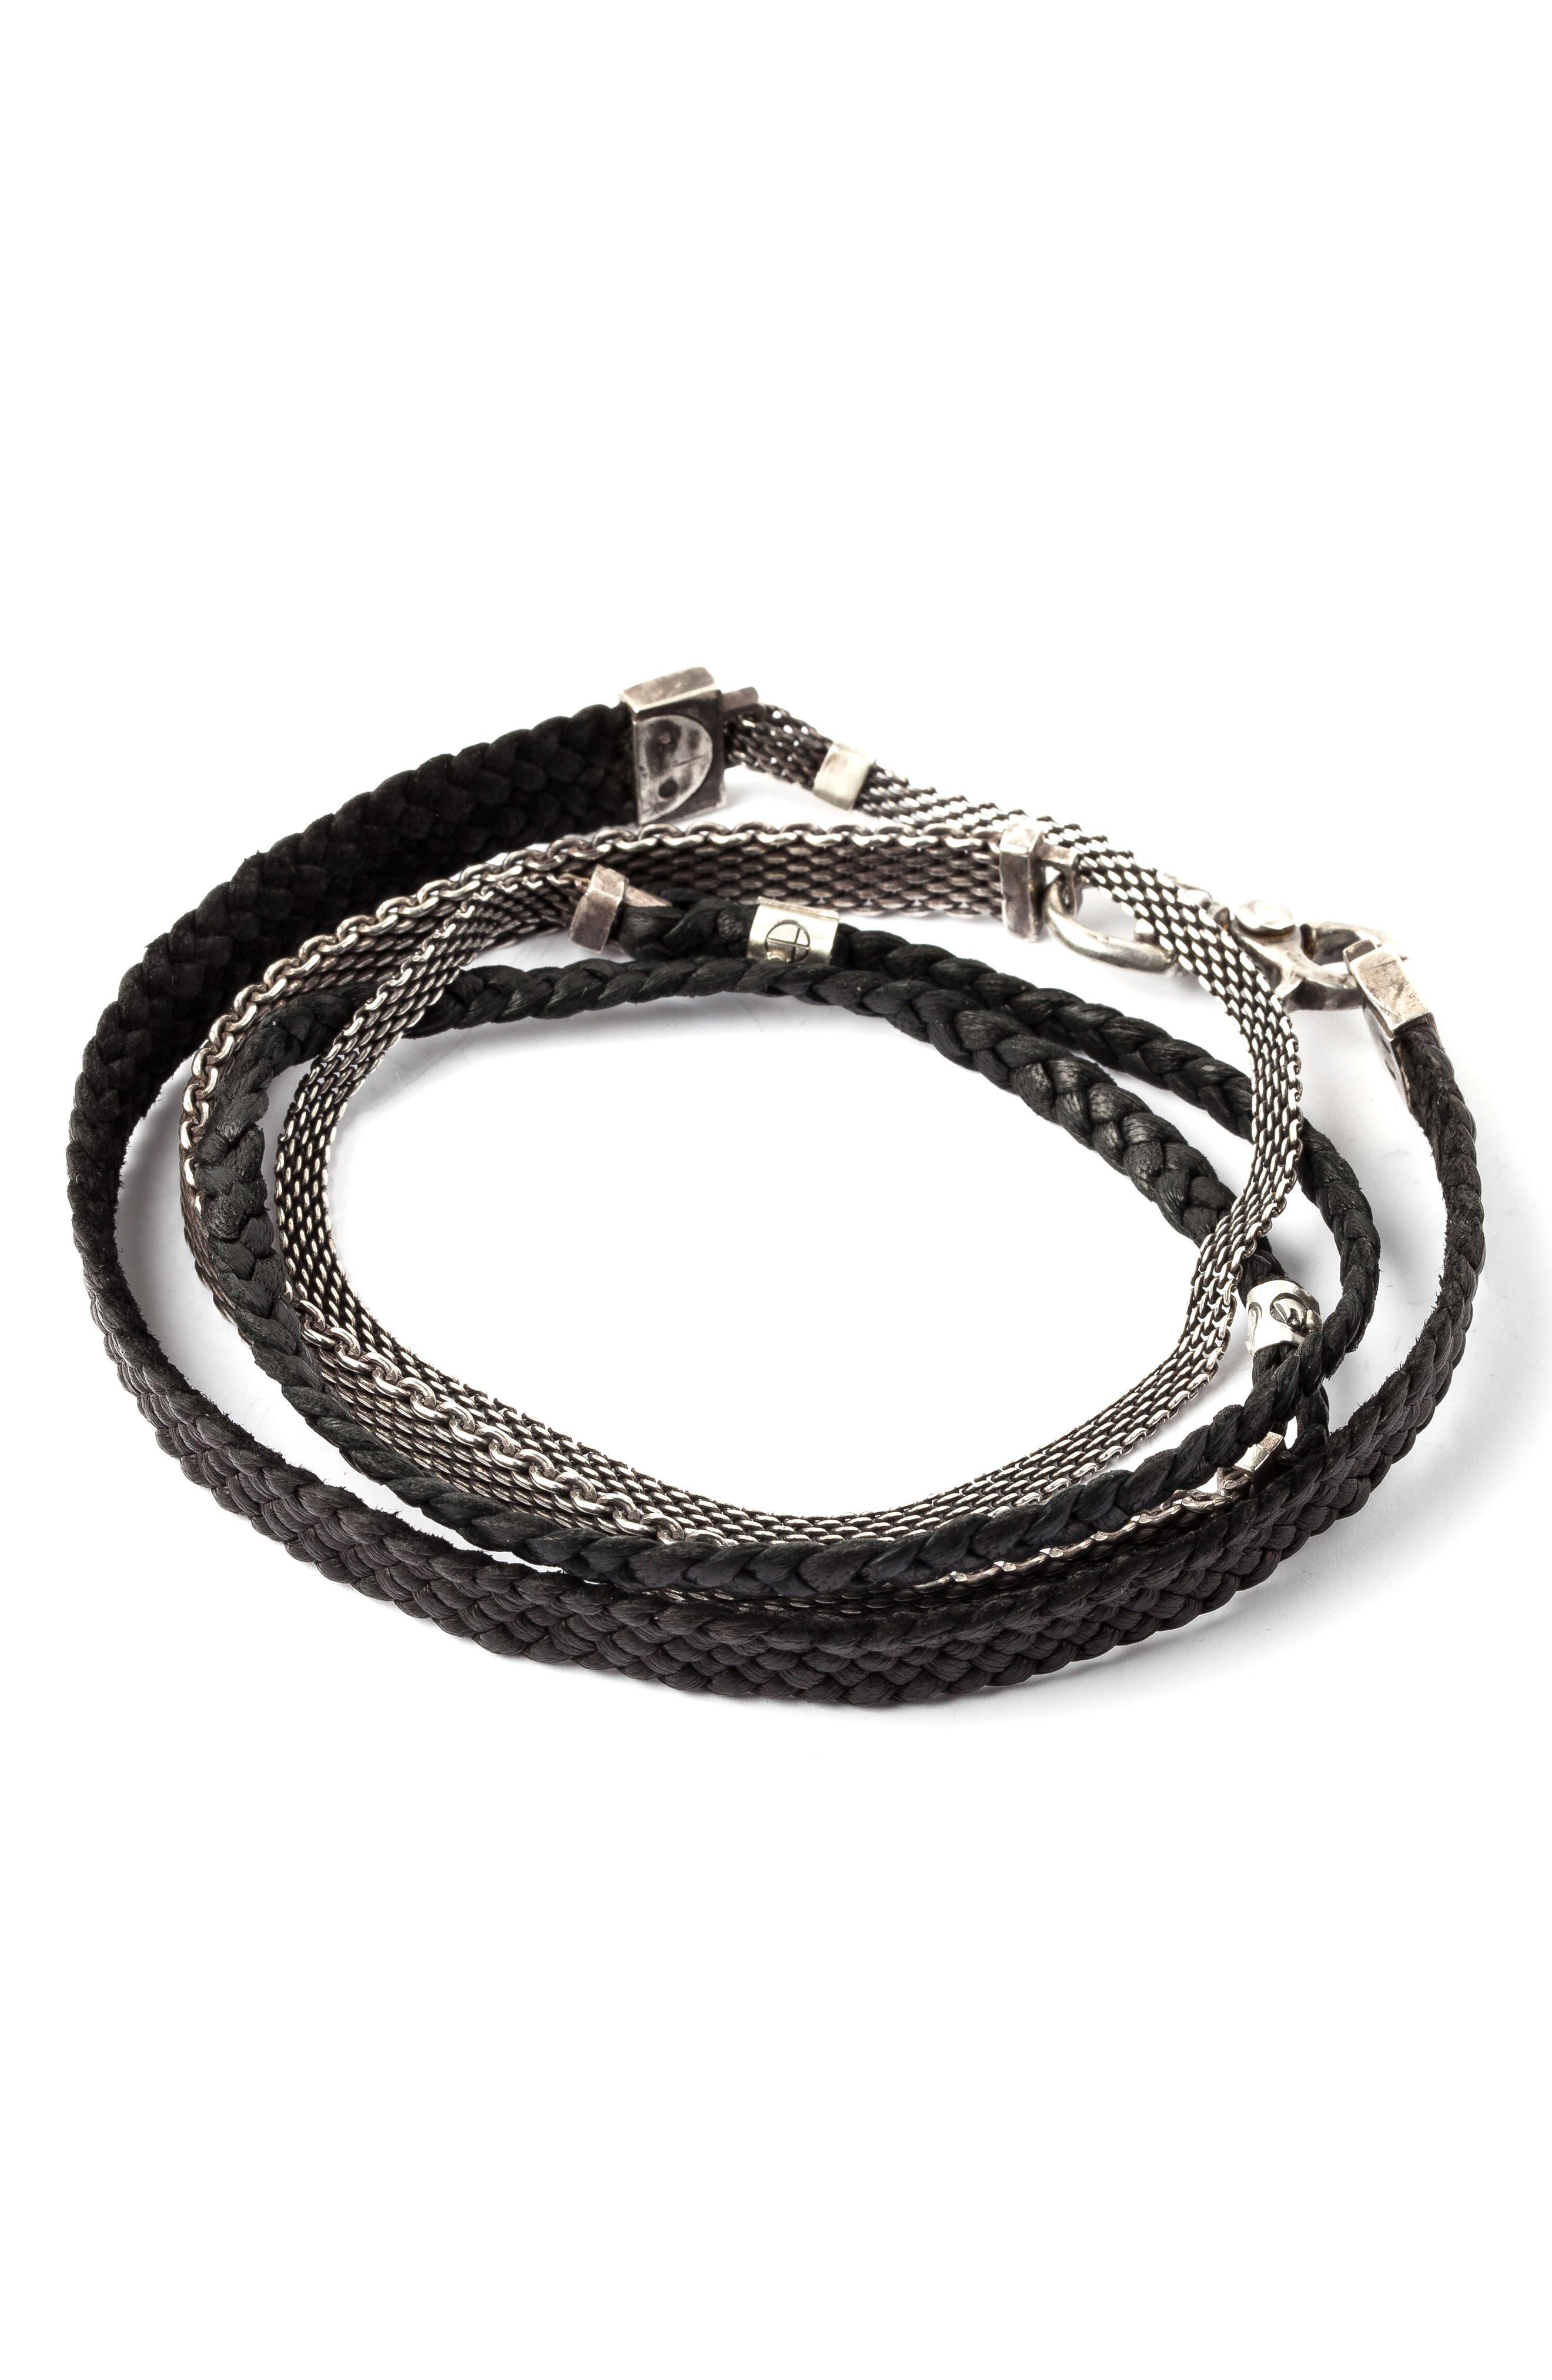 Mesh & Leather Wrap Bracelet,                         Main,                         color, SILVER/BLACK